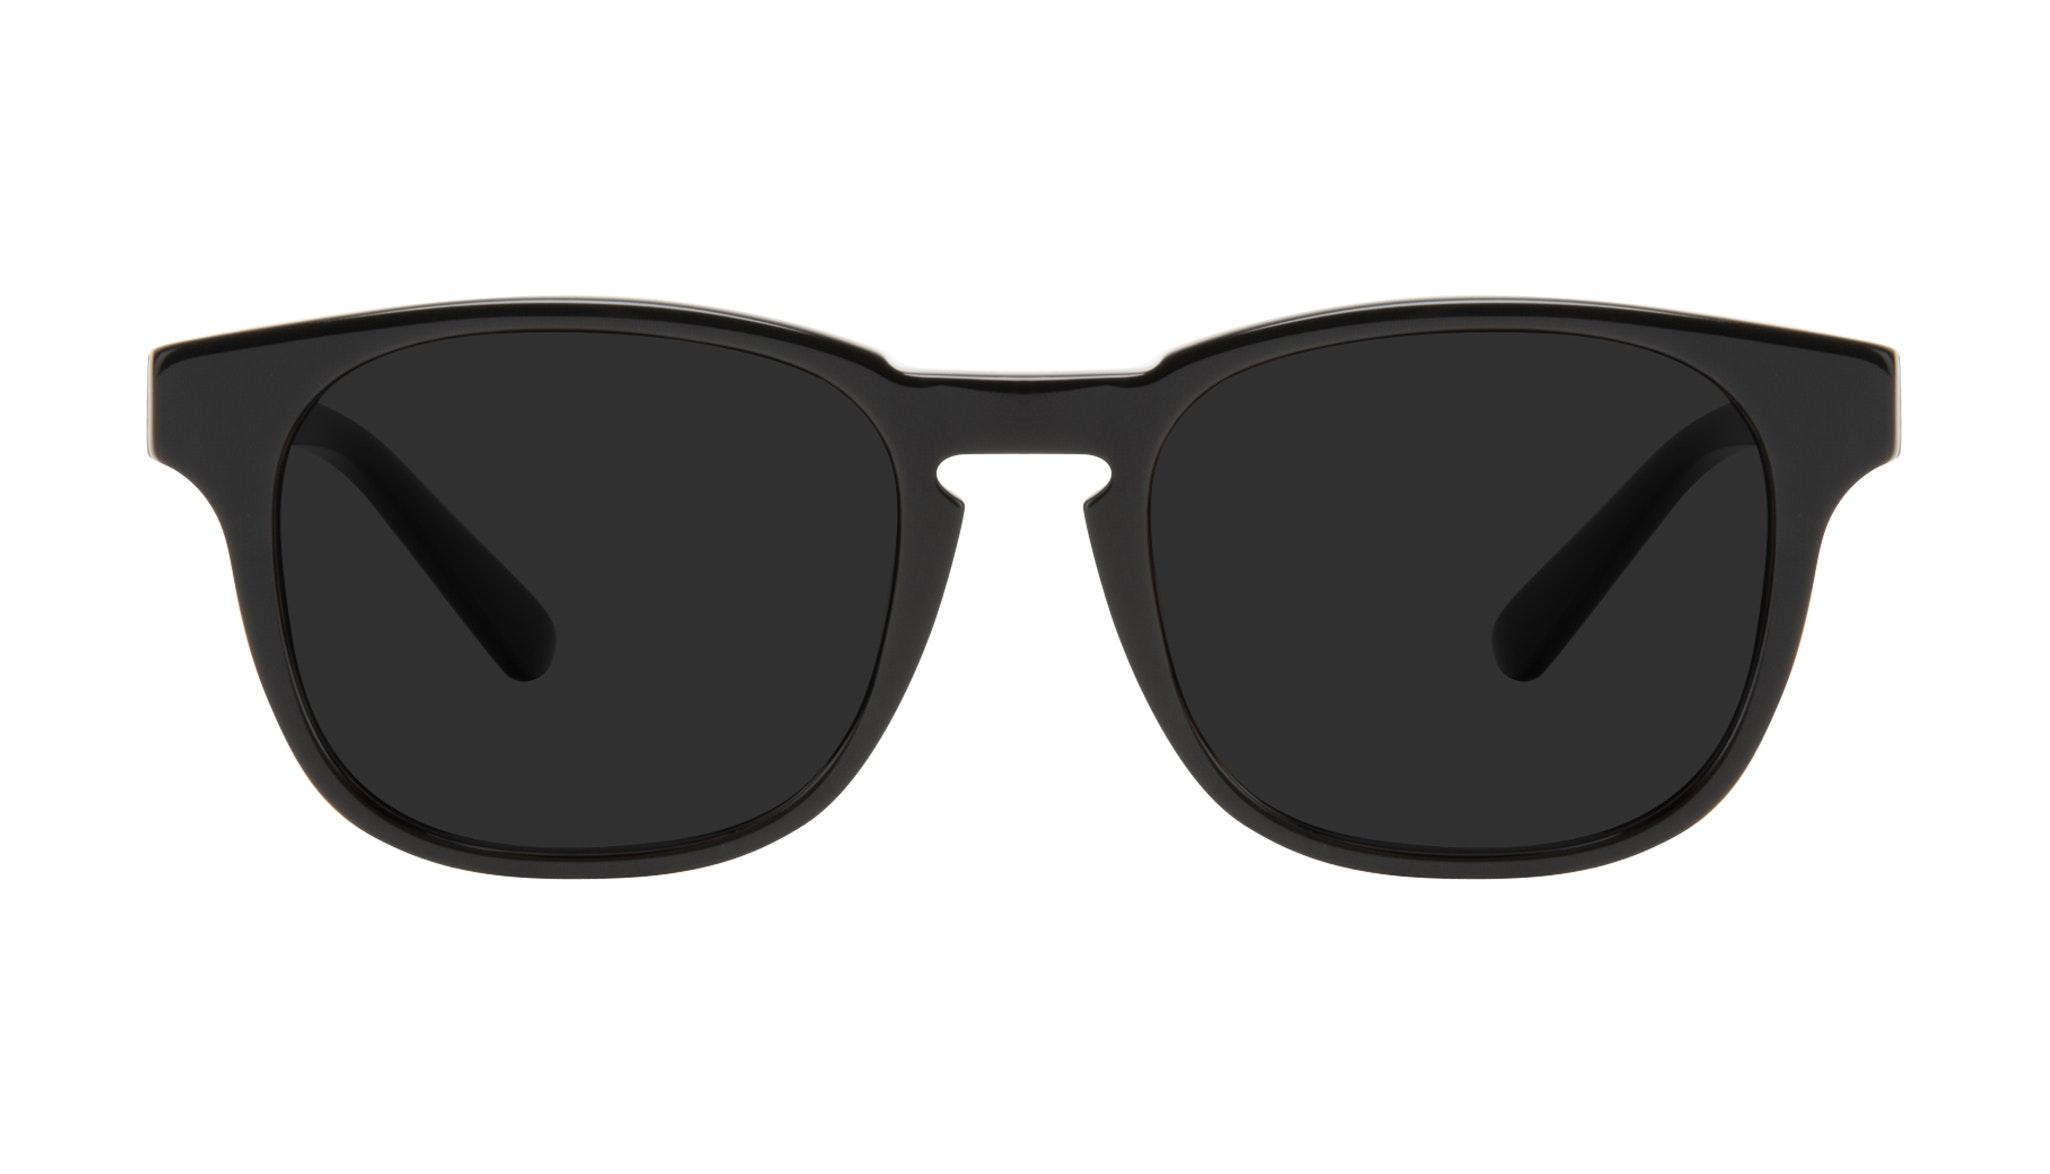 Lunettes tendance Carrée Lunettes de soleil Hommes Outline Black Tort Face